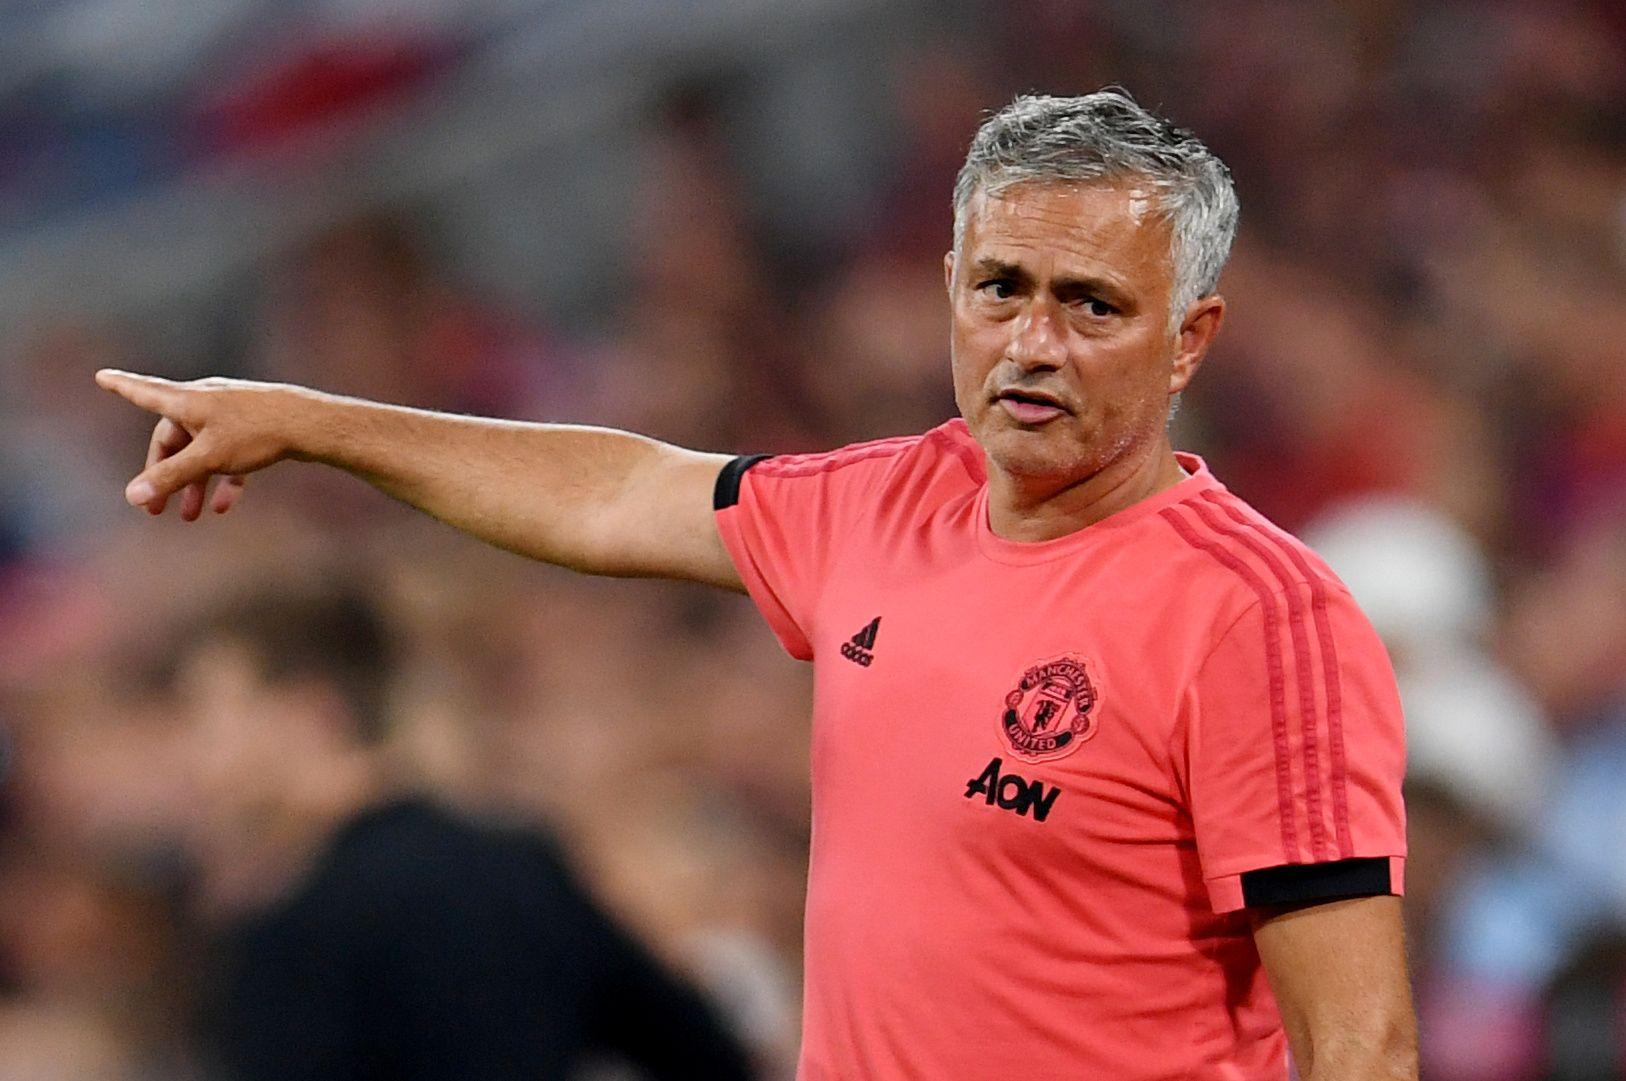 KAN VI HENTE HAM? Manchester United-manager José Mourinho er etter sigende lysten på å få inn Bayern Münchens Jerome Boateng. For ordens skyld: det er heller usikkert om Mourinho peker på Boateng på bildet.